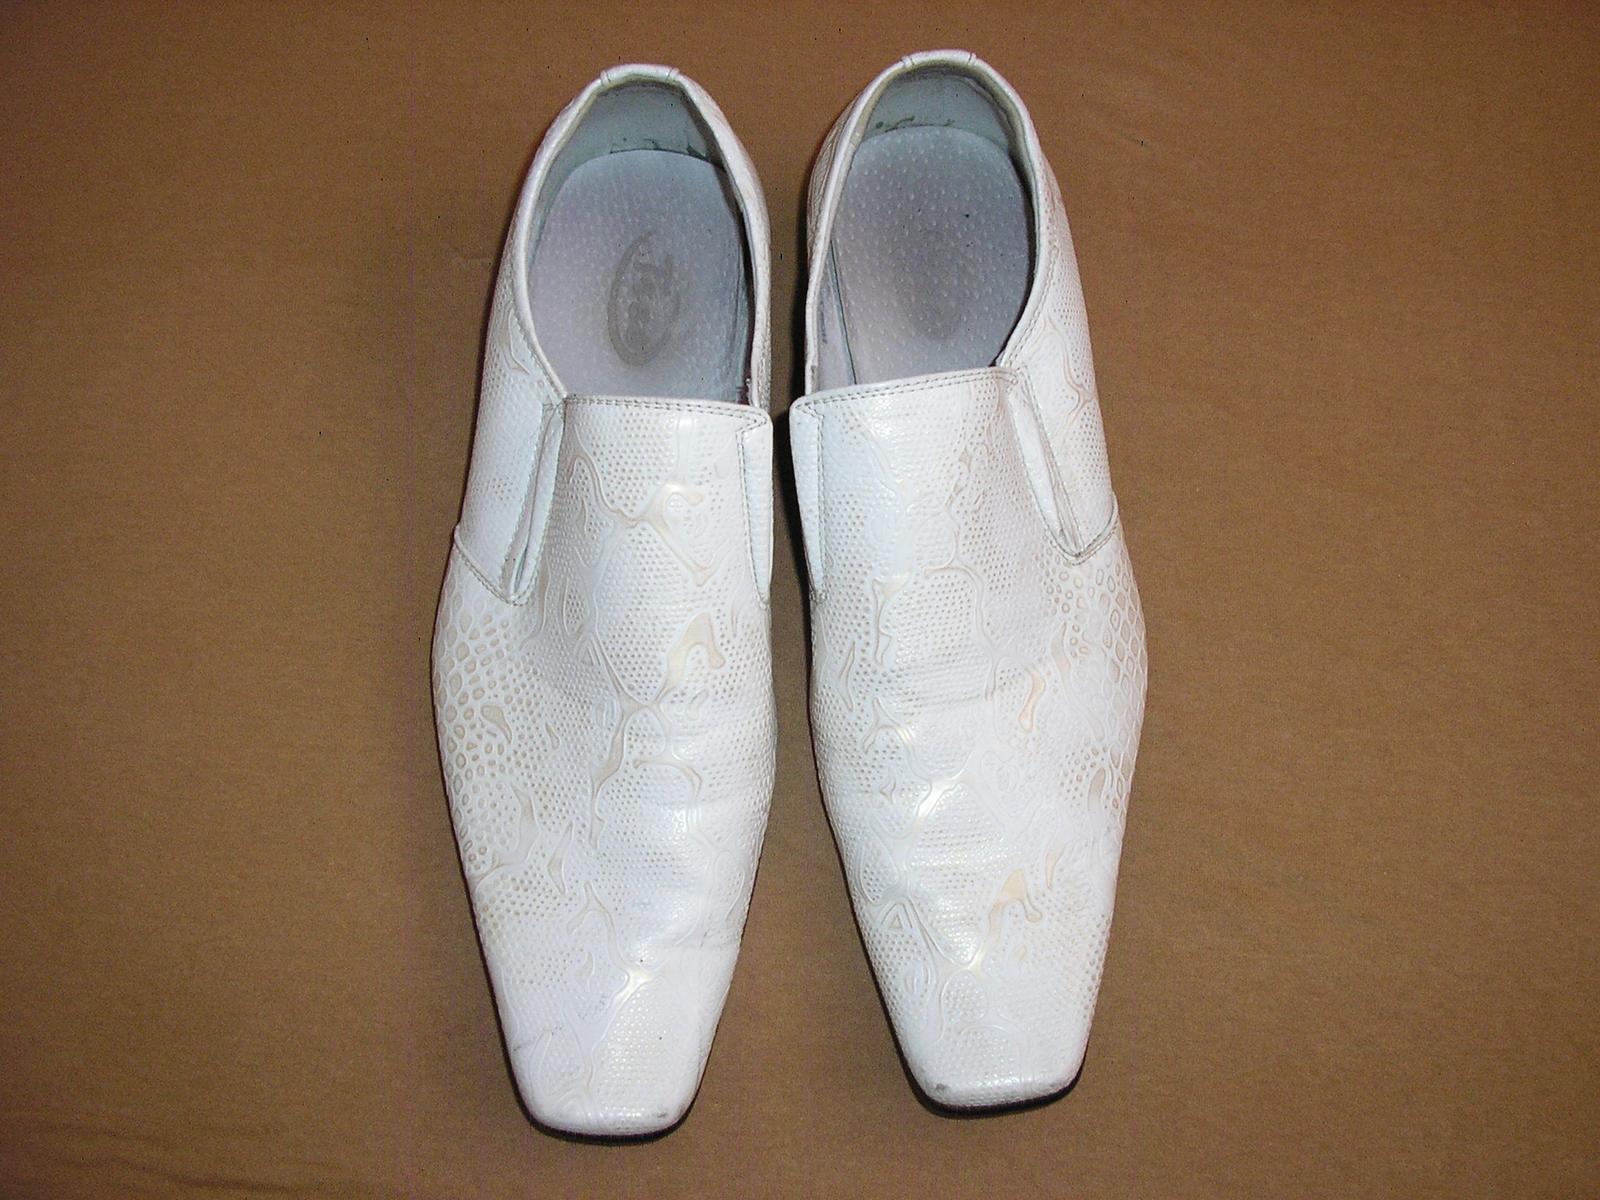 1524. TICO Pánske kož. topánky č. 41 - Obrázok č. 1